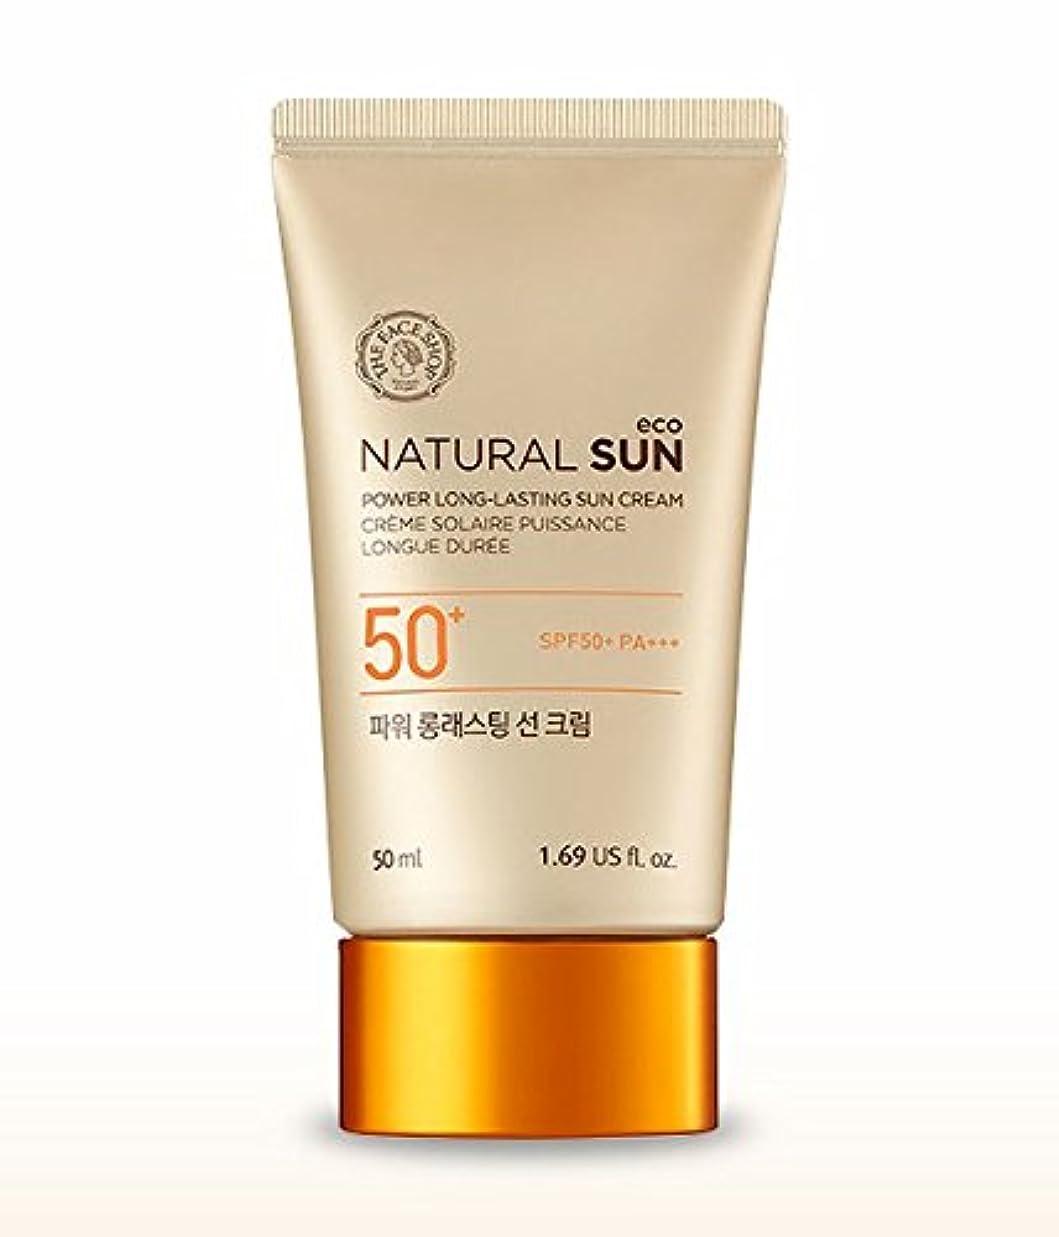 倫理規制落胆したTHE FACE SHOP Natural Sun Eco Power Long Lasting Sun Cream 50mlザフェイスショップ ナチュラルサンパワーロングラスティングサンクリーム [並行輸入品]